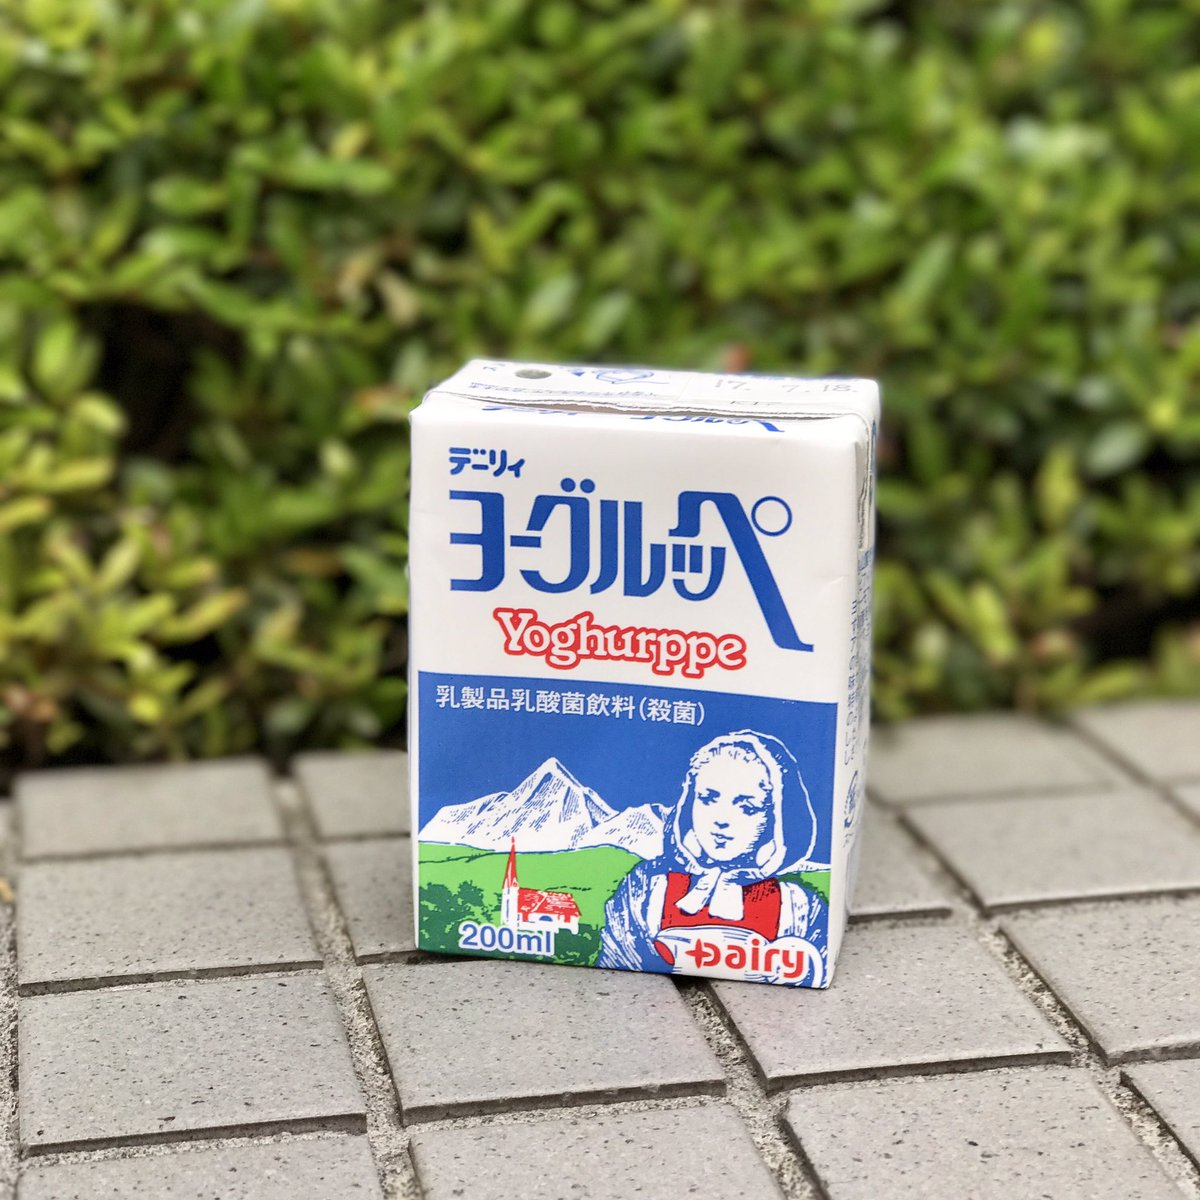 都内では入手困難な南日本酪農共同の「ヨーグルッペ」をゲット。来週の新海誠さんの授業(「秒速5センチメートル」の講読)の資